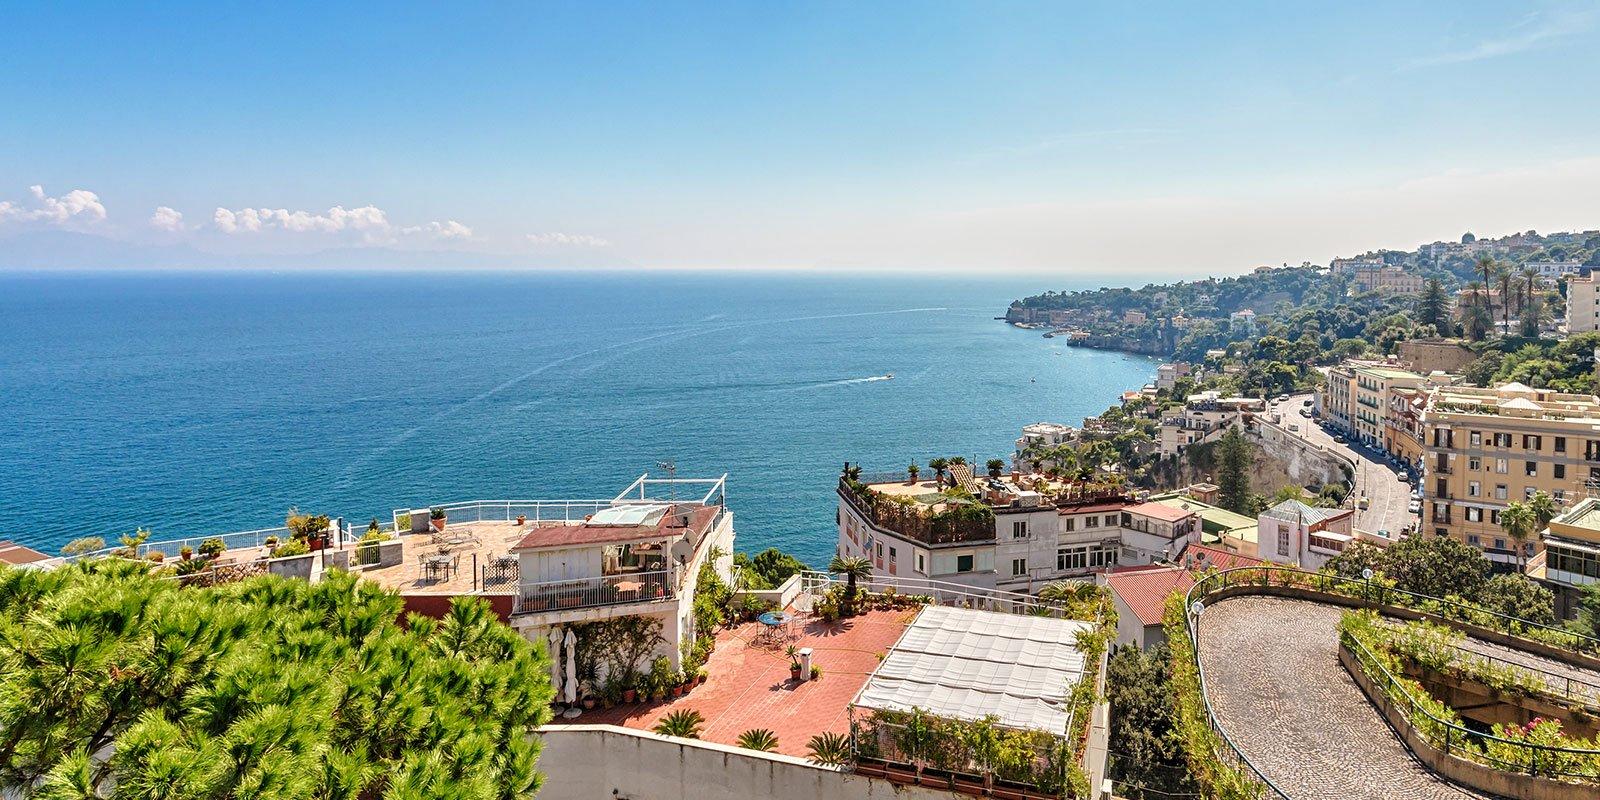 Napoli, mistero e incanto di una città di mare